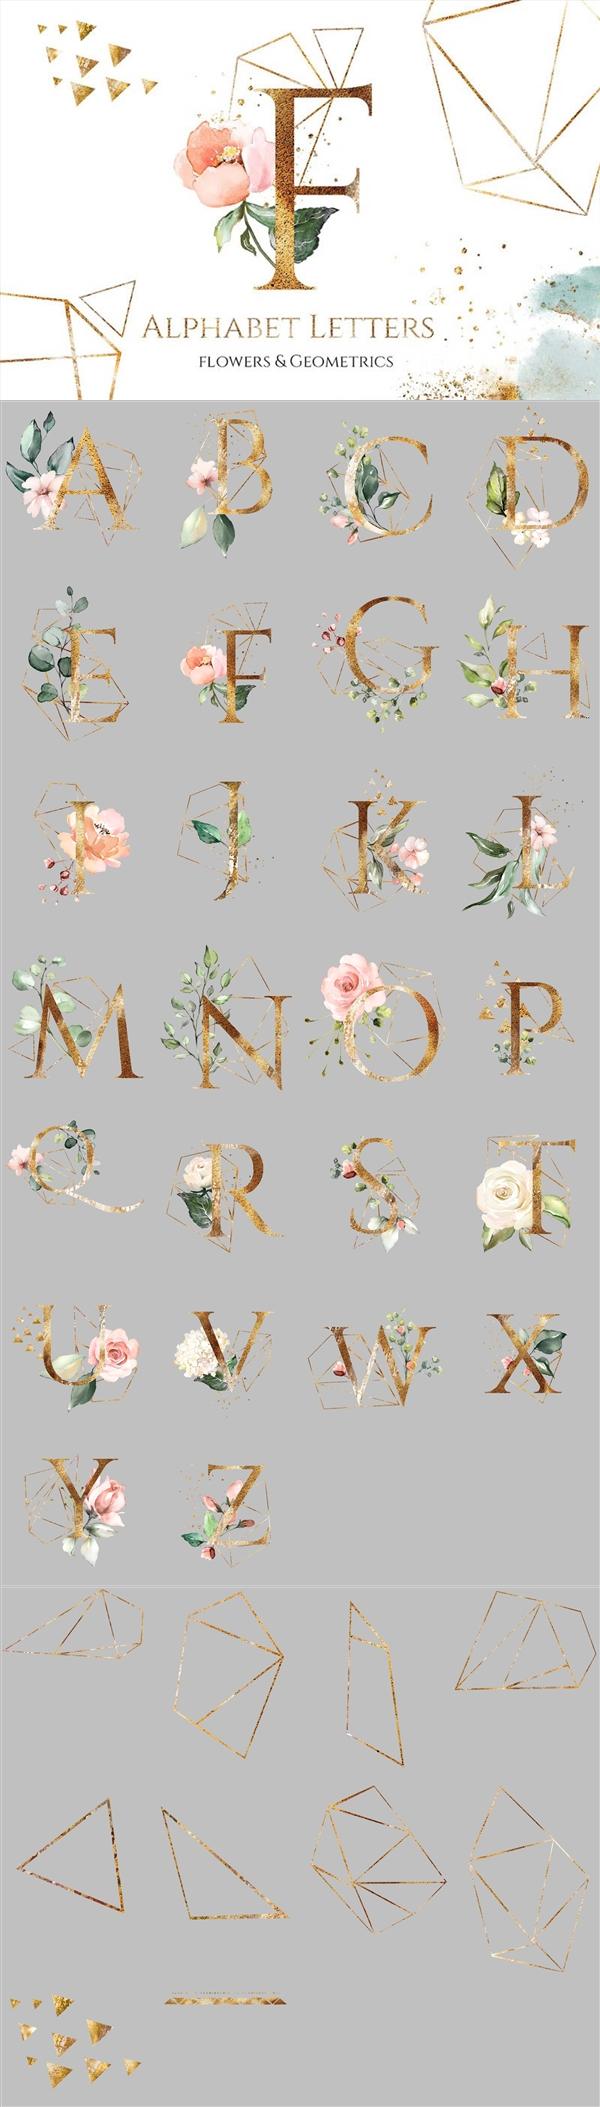 艺术花边字母